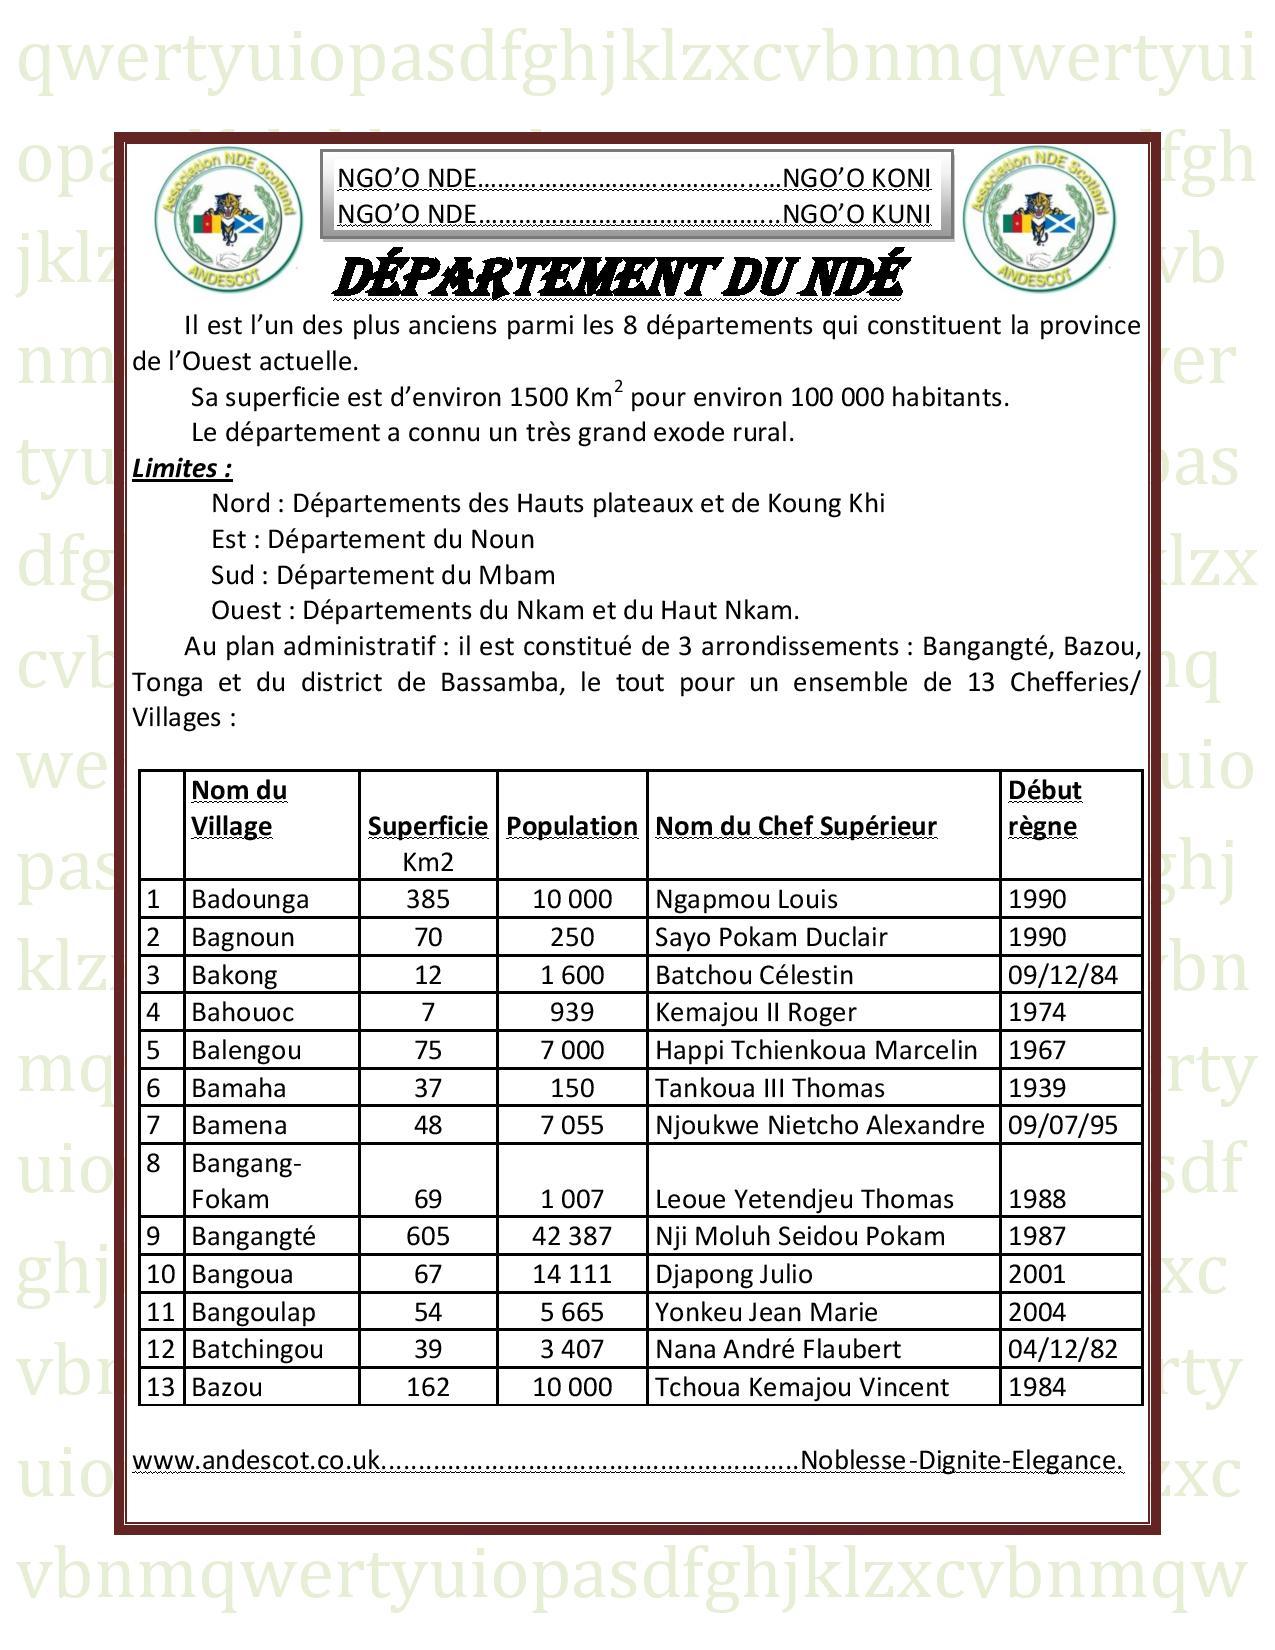 Département du NDÉ general info